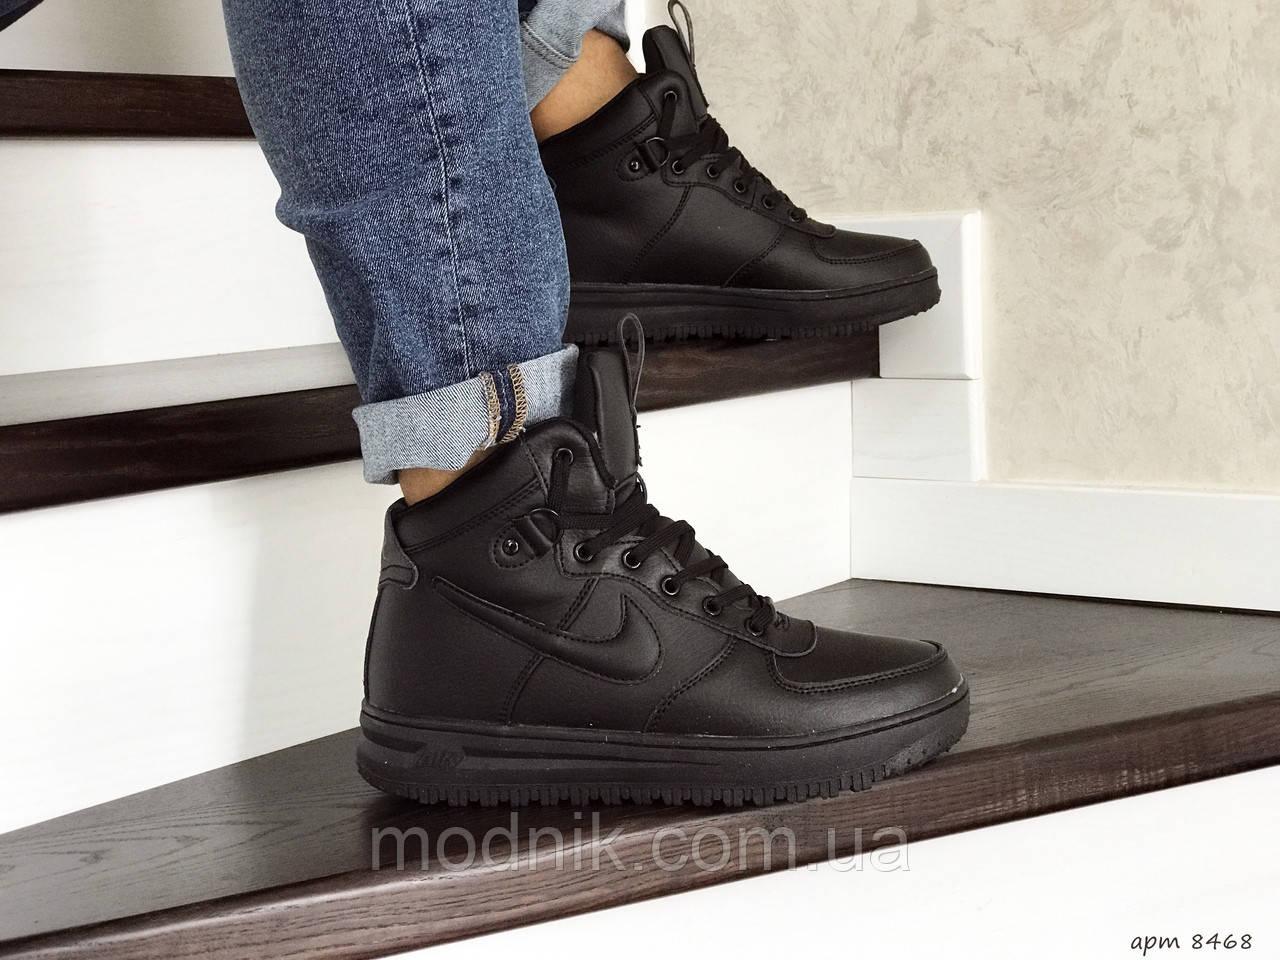 Мужские зимние кроссовки Nike Lunar Force 1 (черные)